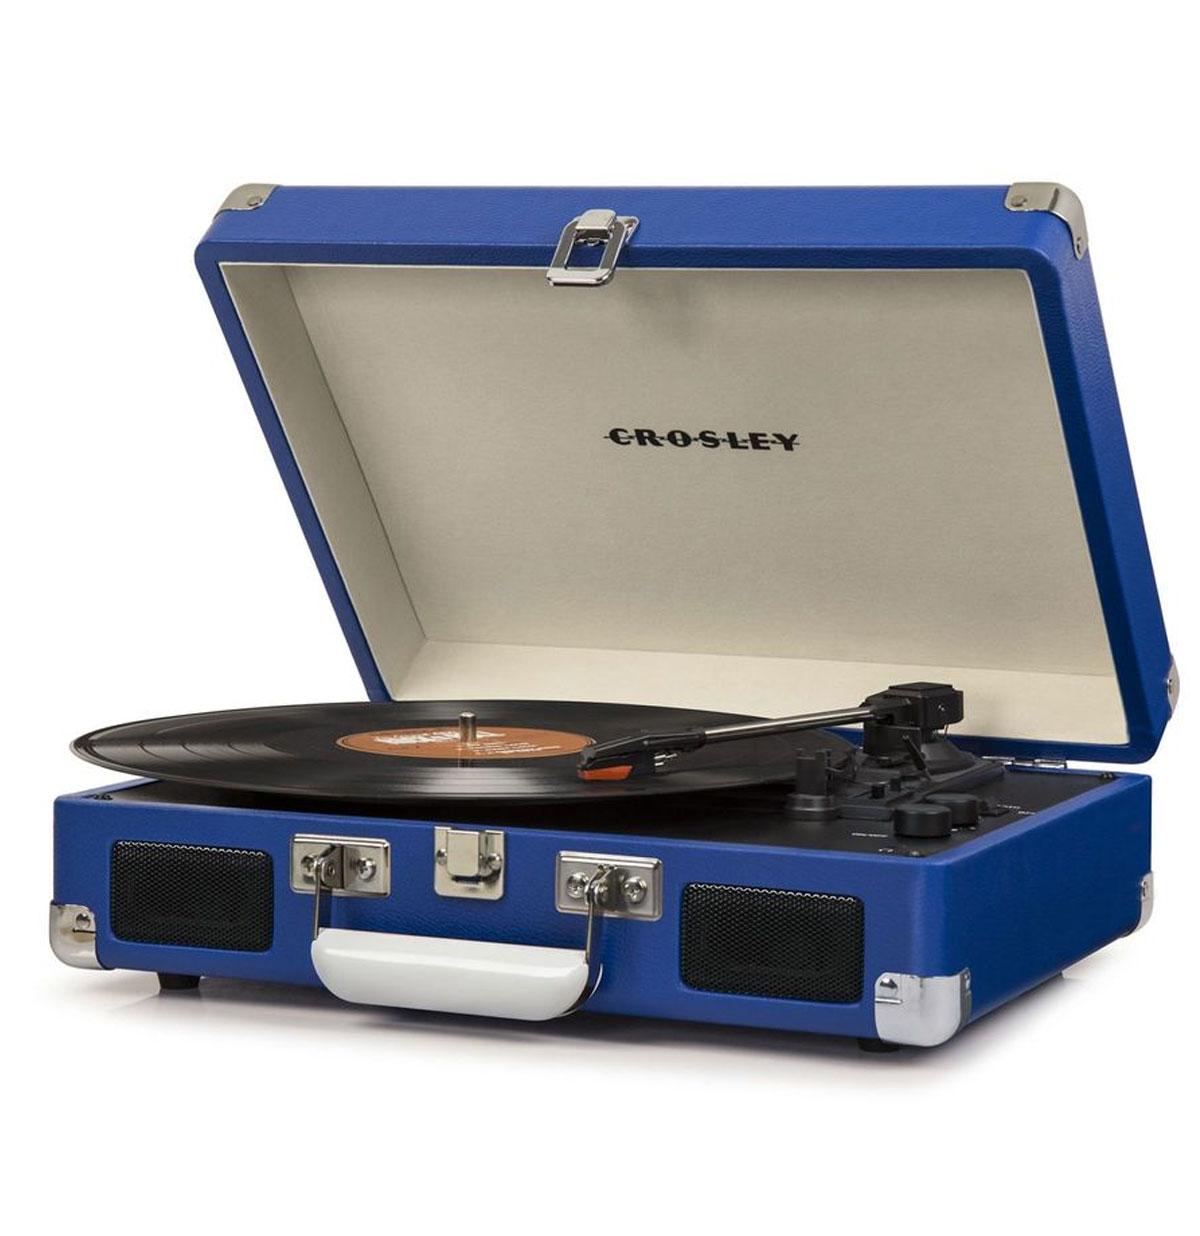 Crosley Cruiser Deluxe Platenspeler Blauw